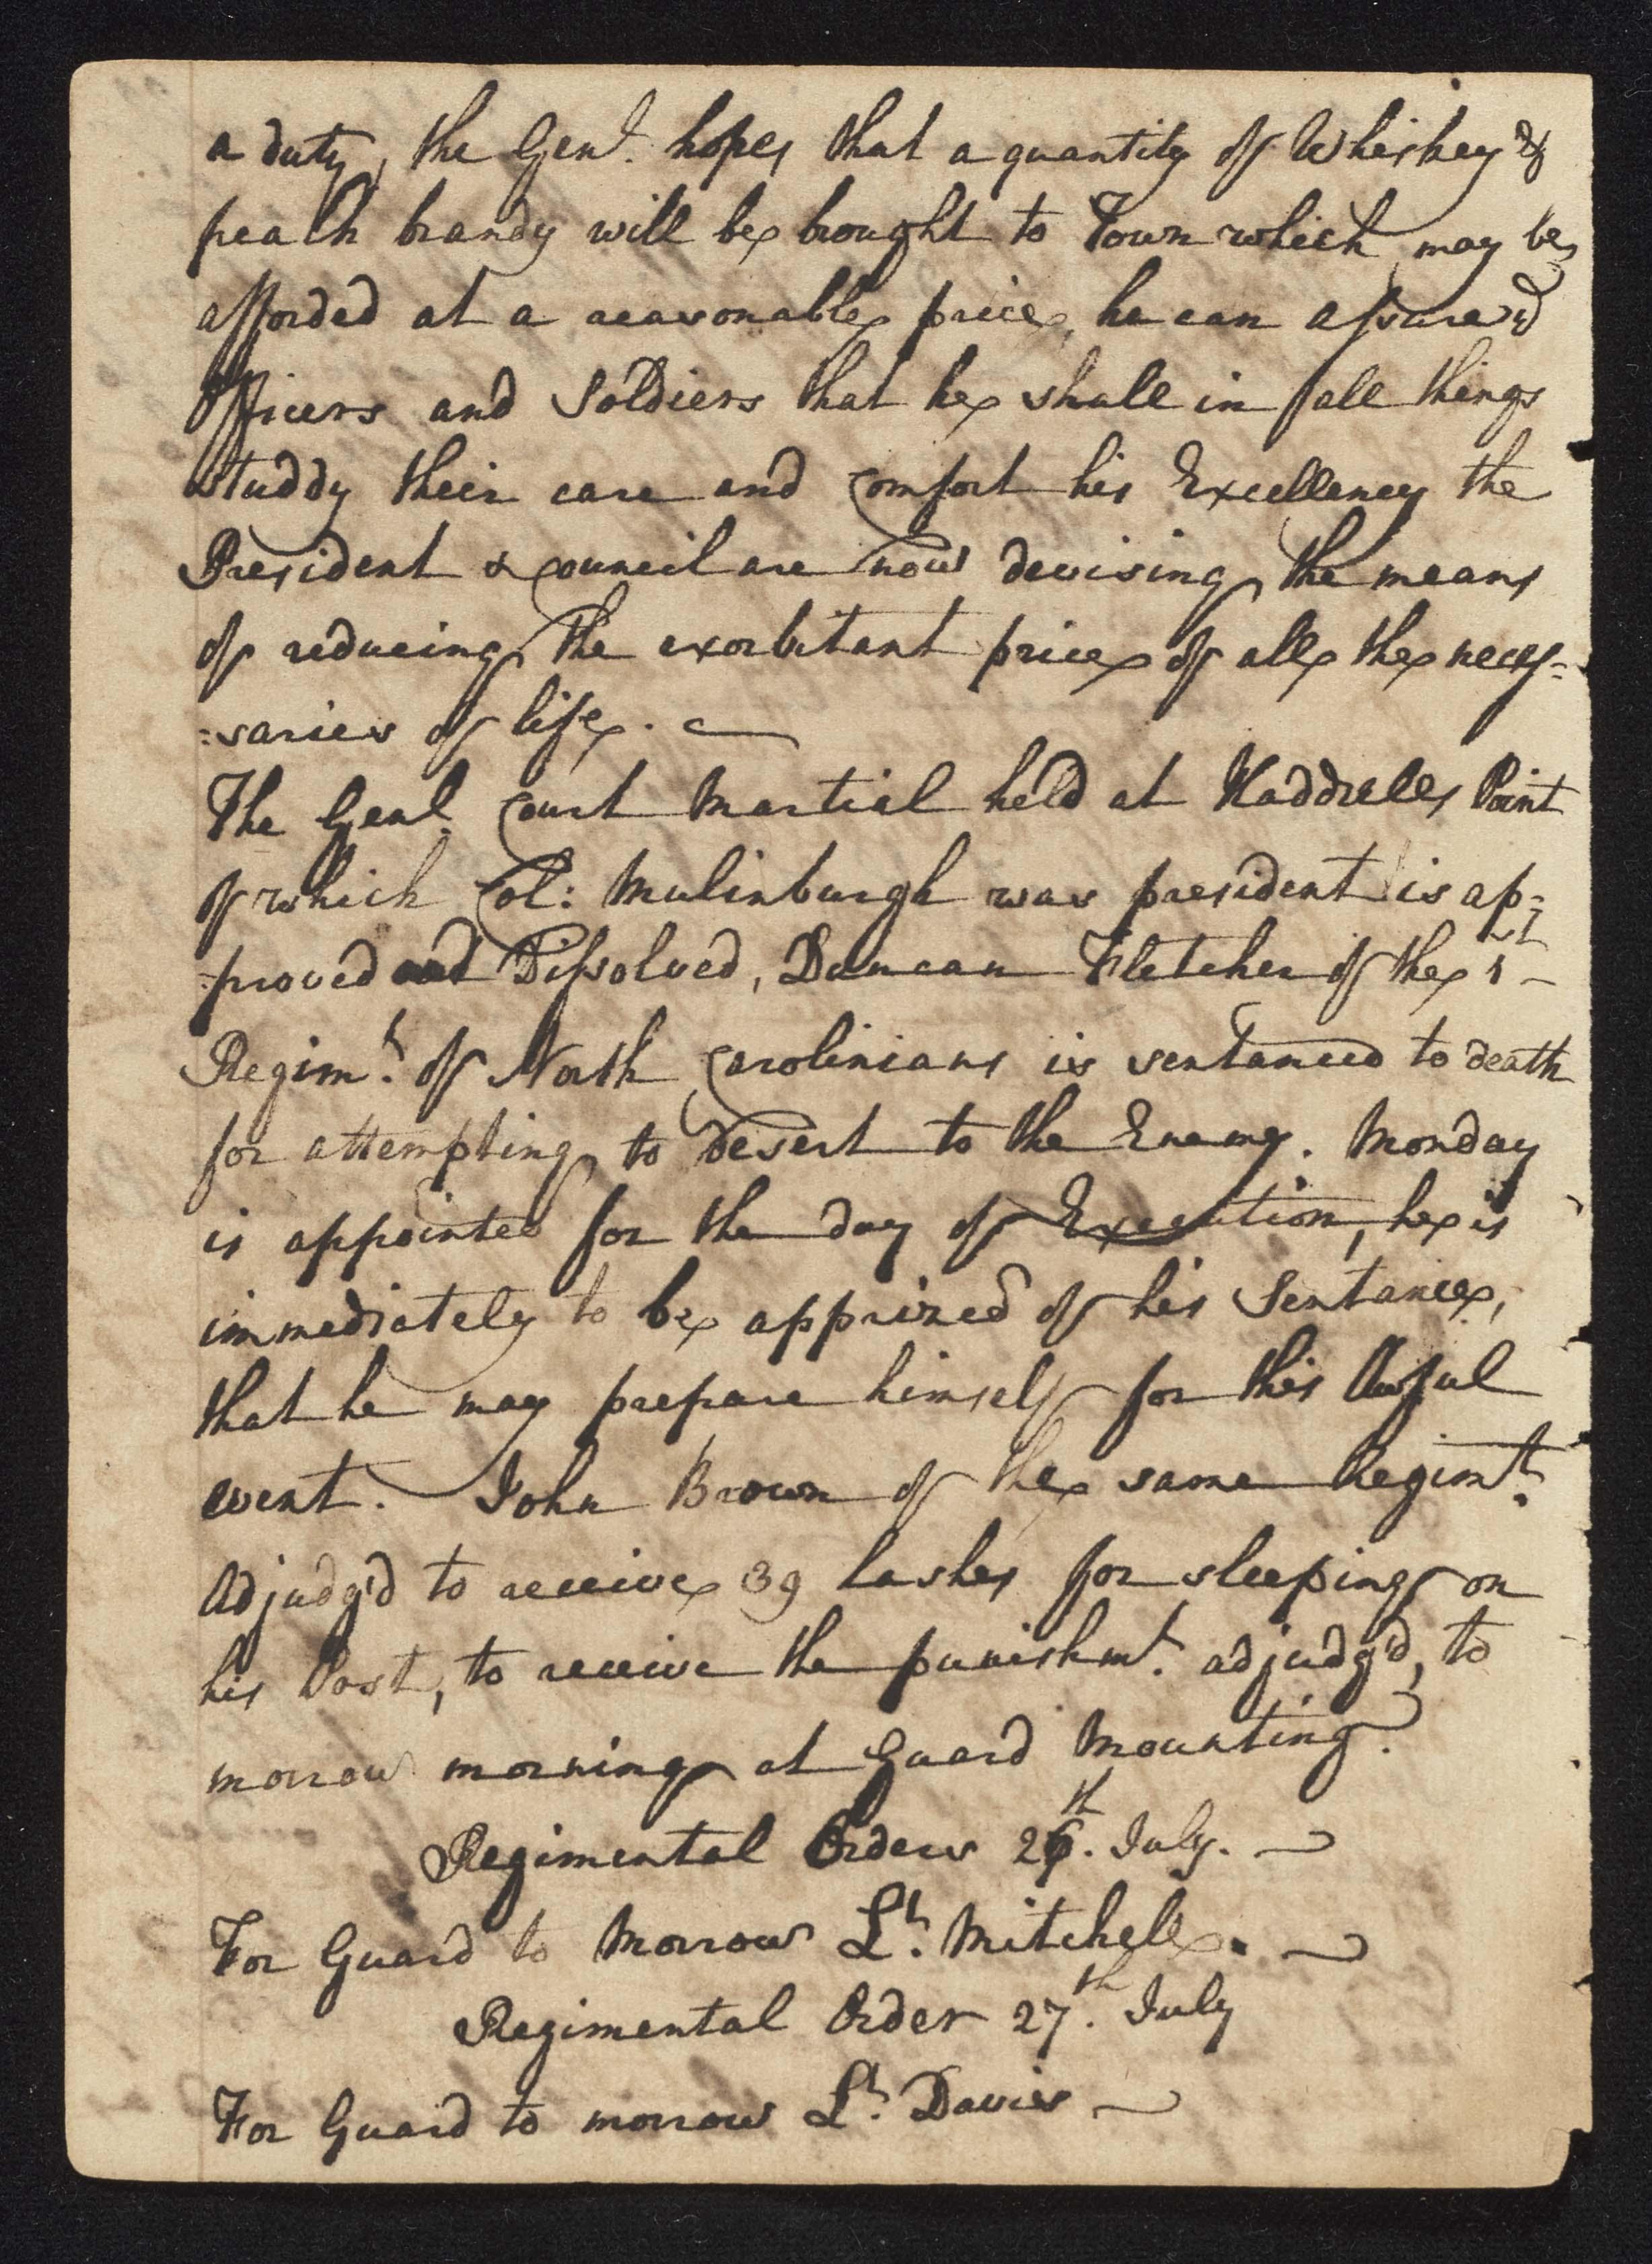 South Carolina Regiment Order Book, Page 150